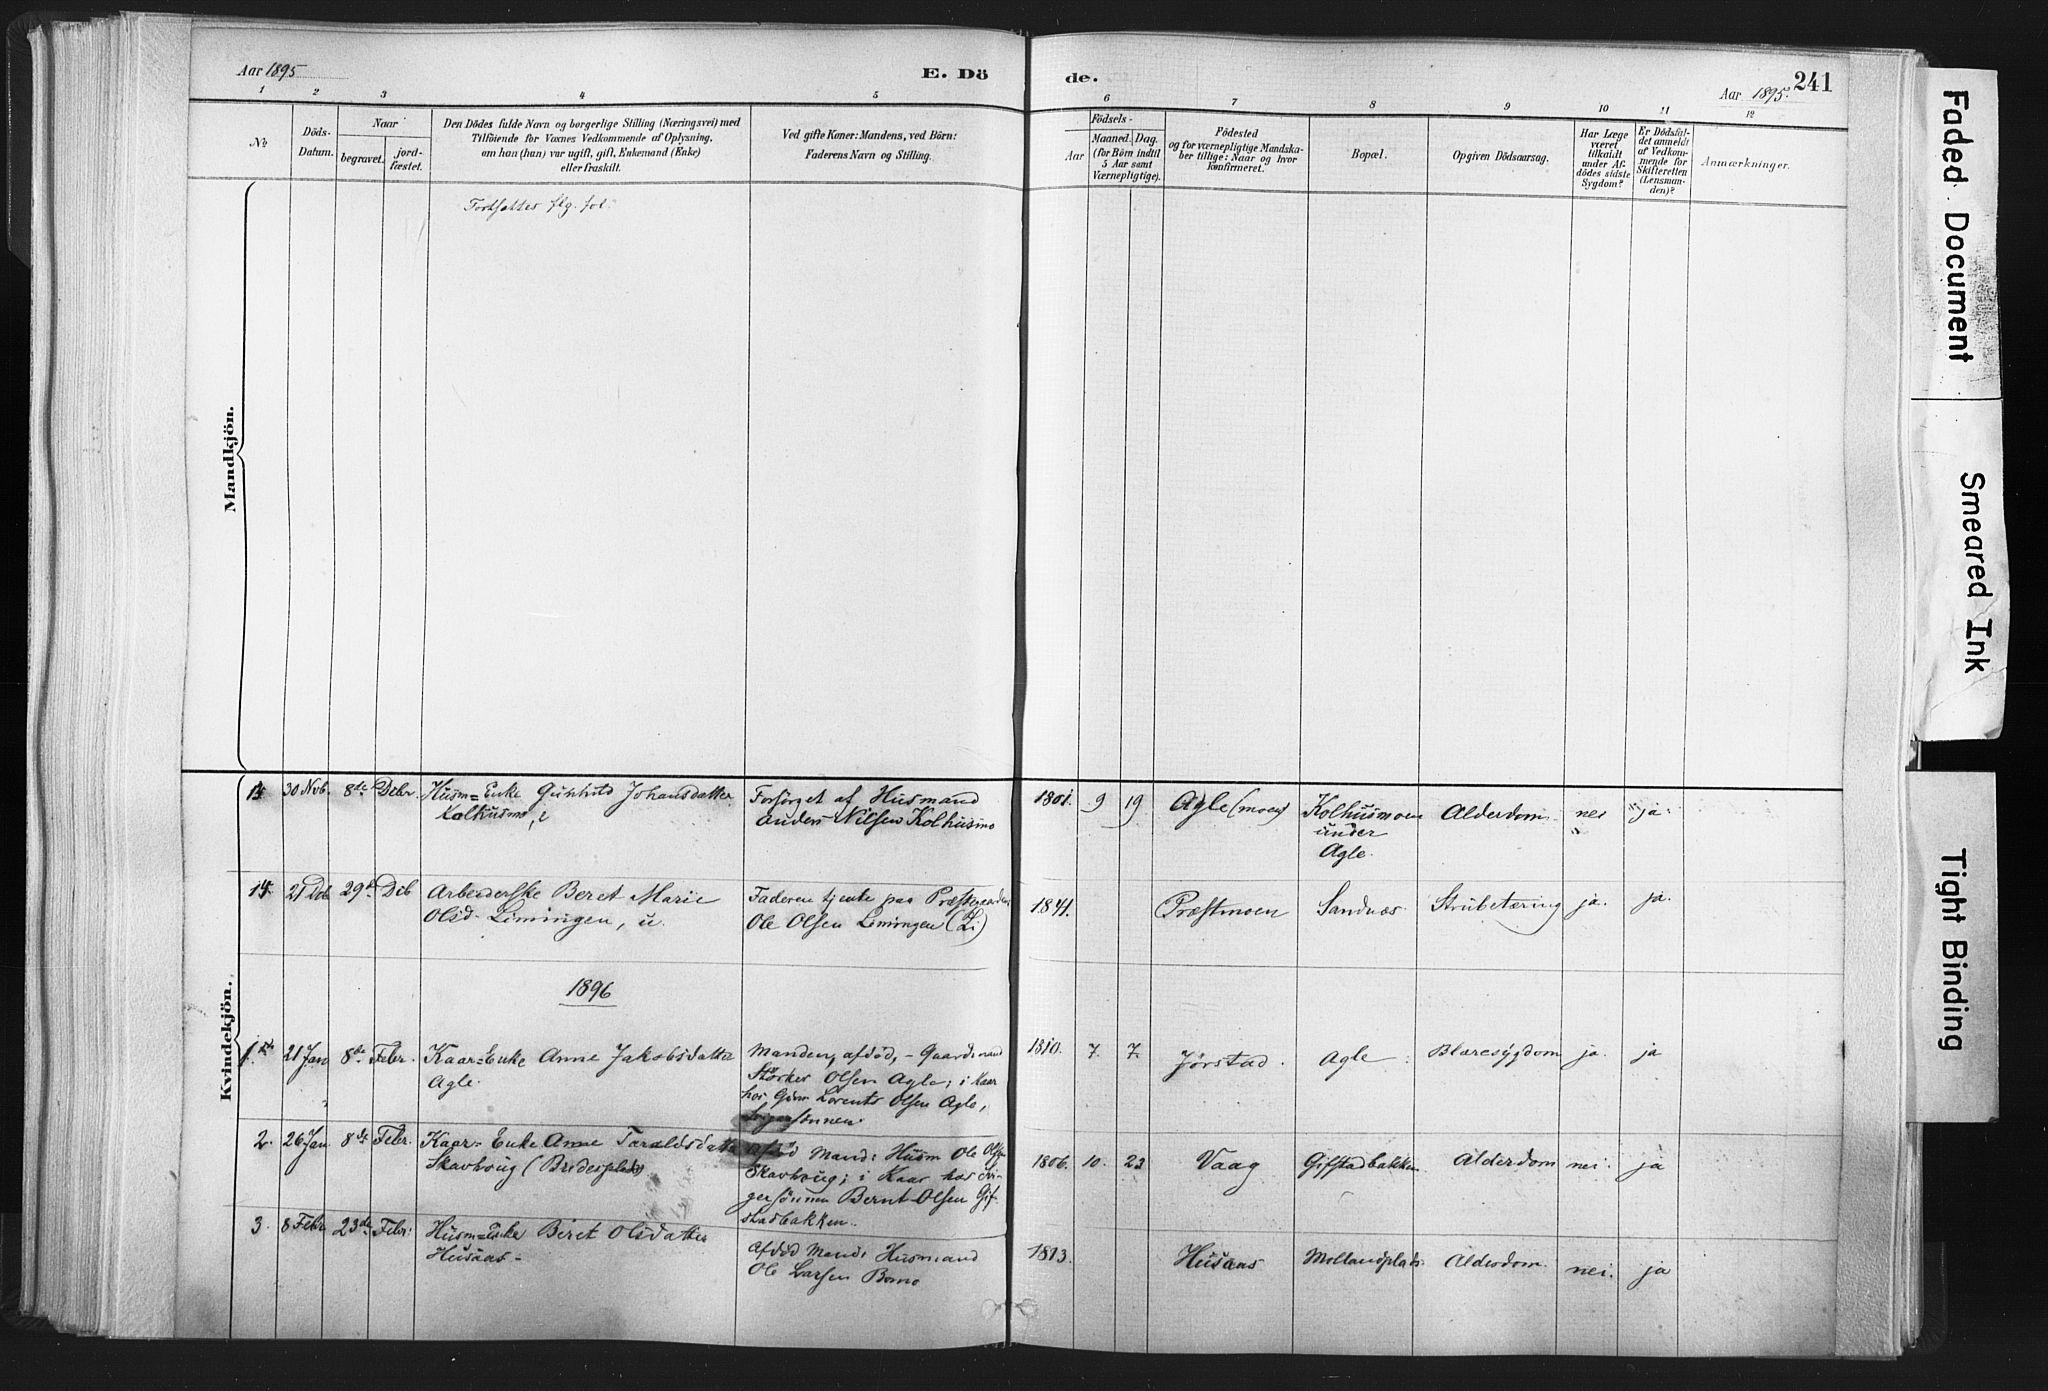 SAT, Ministerialprotokoller, klokkerbøker og fødselsregistre - Nord-Trøndelag, 749/L0474: Ministerialbok nr. 749A08, 1887-1903, s. 241